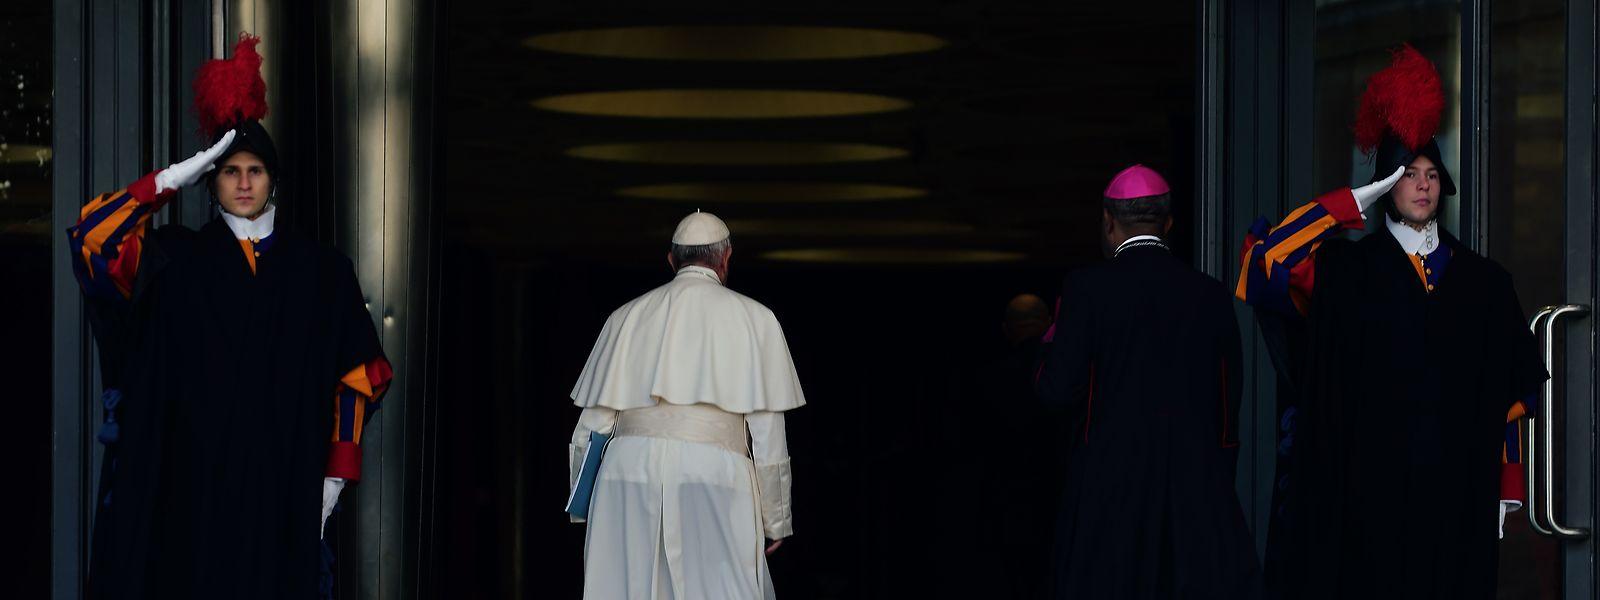 Der Druck, der auf den Schultern von Papst Franziskus in der Frage des Umgangs mit Missbrauchsfällen lastet, ist hoch.